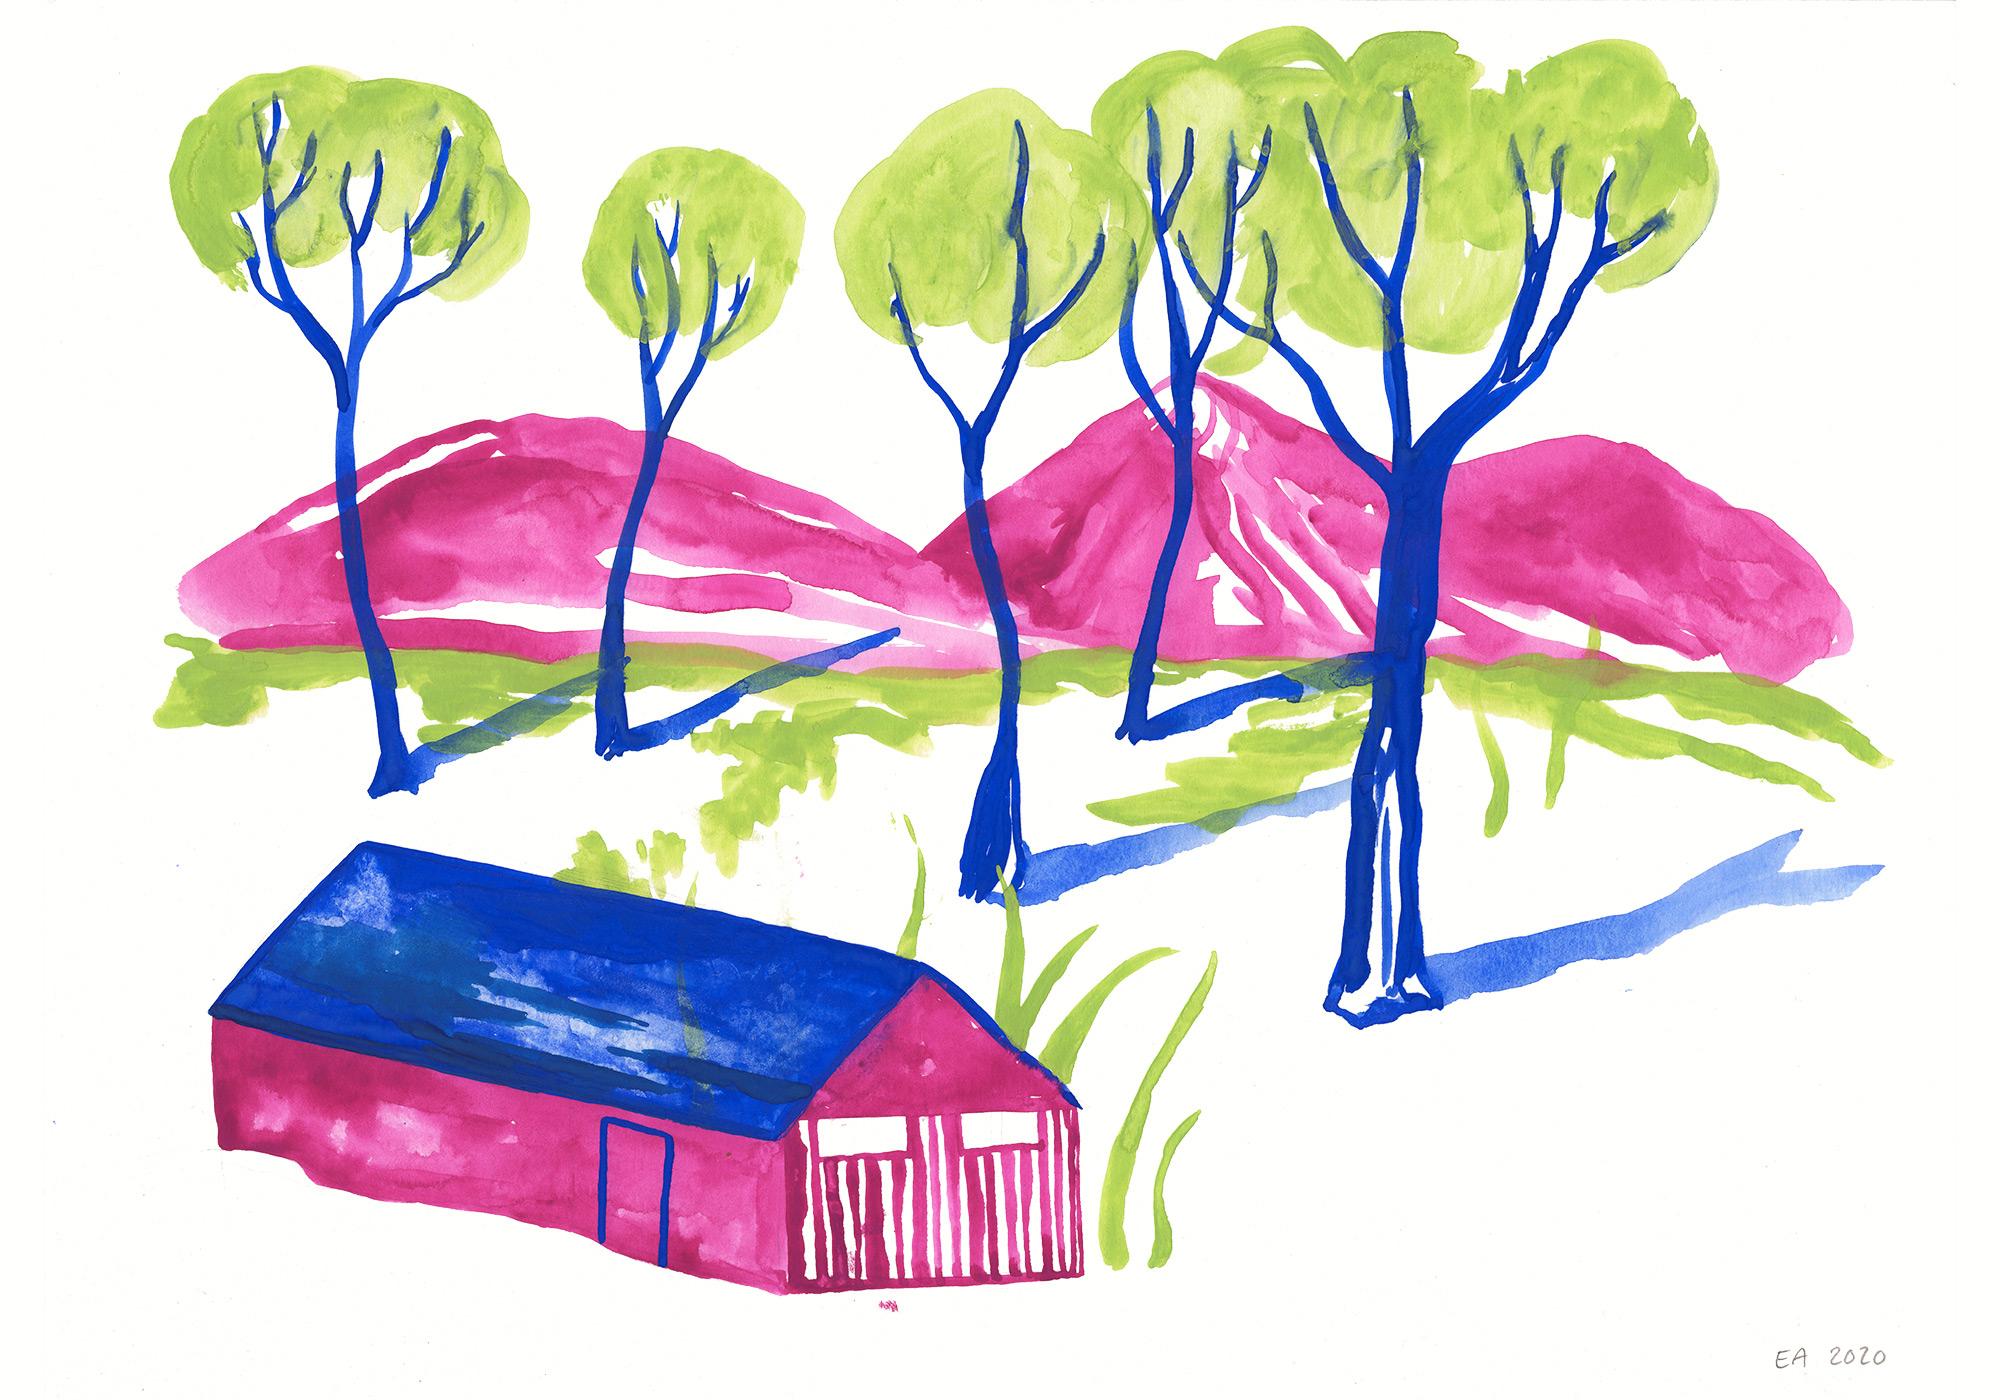 tegninger, gouache-malerier, akvarel-malerier, æstetiske, figurative, grafiske, illustrative, landskab, pop, arkitektur, botanik, natur, mennesker, blå, grønne, violette, gouache, blæk, papir, smukke, dansk, dekorative, design, skov, huse, interiør, bolig-indretning, moderne, bjerge, nordisk, planter, plakater, flotte, tryk, skandinavisk, træer, Køb original kunst og kunstplakater. Malerier, tegninger, limited edition kunsttryk & plakater af dygtige kunstnere.